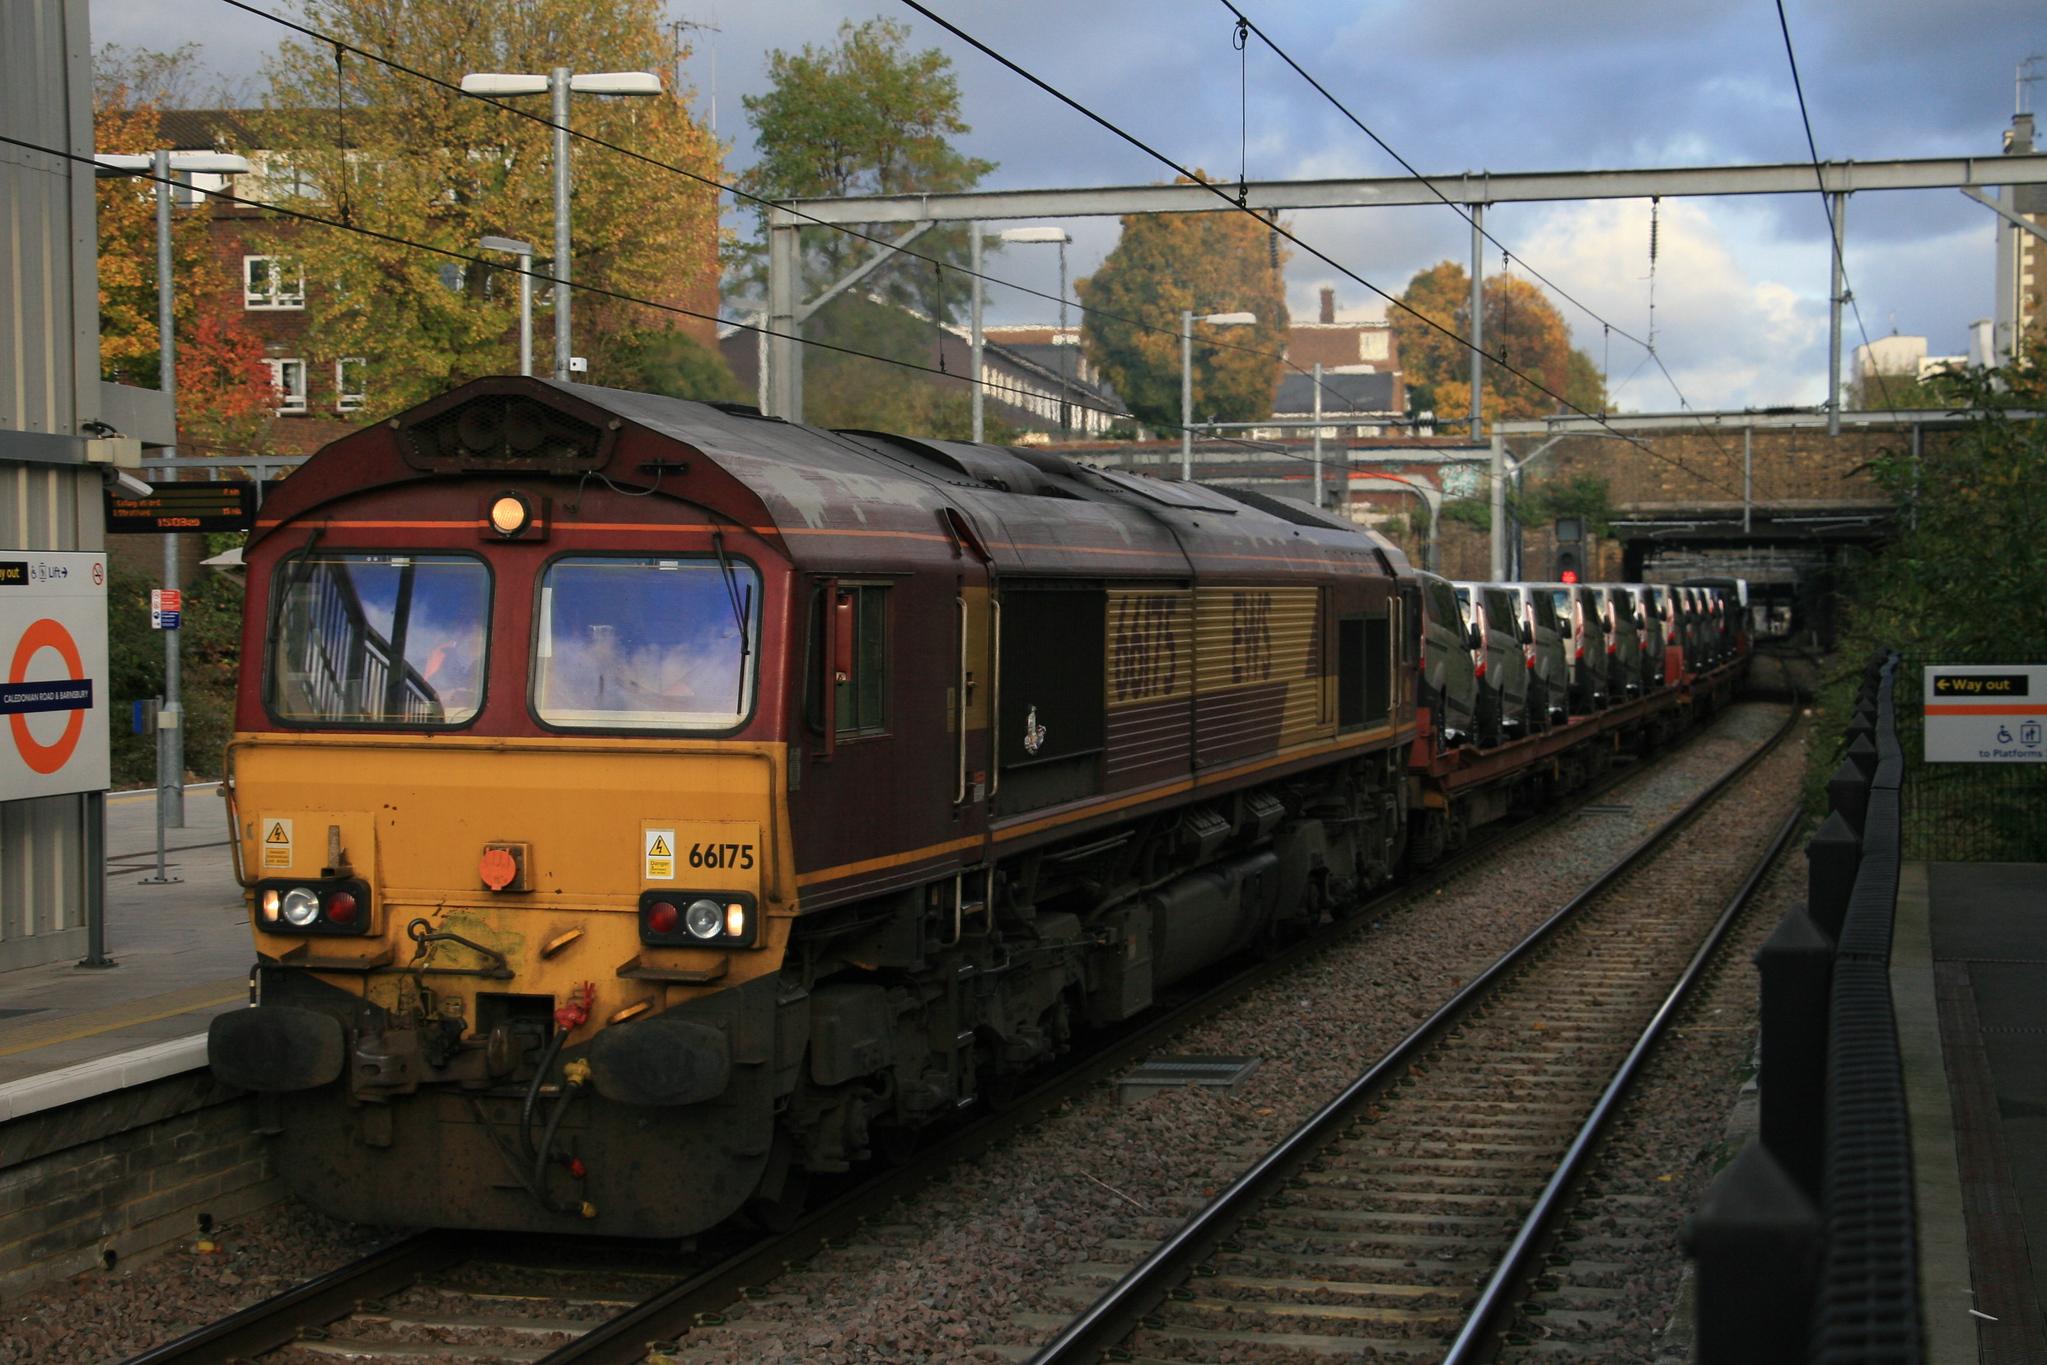 66175_6X44_DBS_CaledonianRoadAndBarnsbury_07112016 (29)